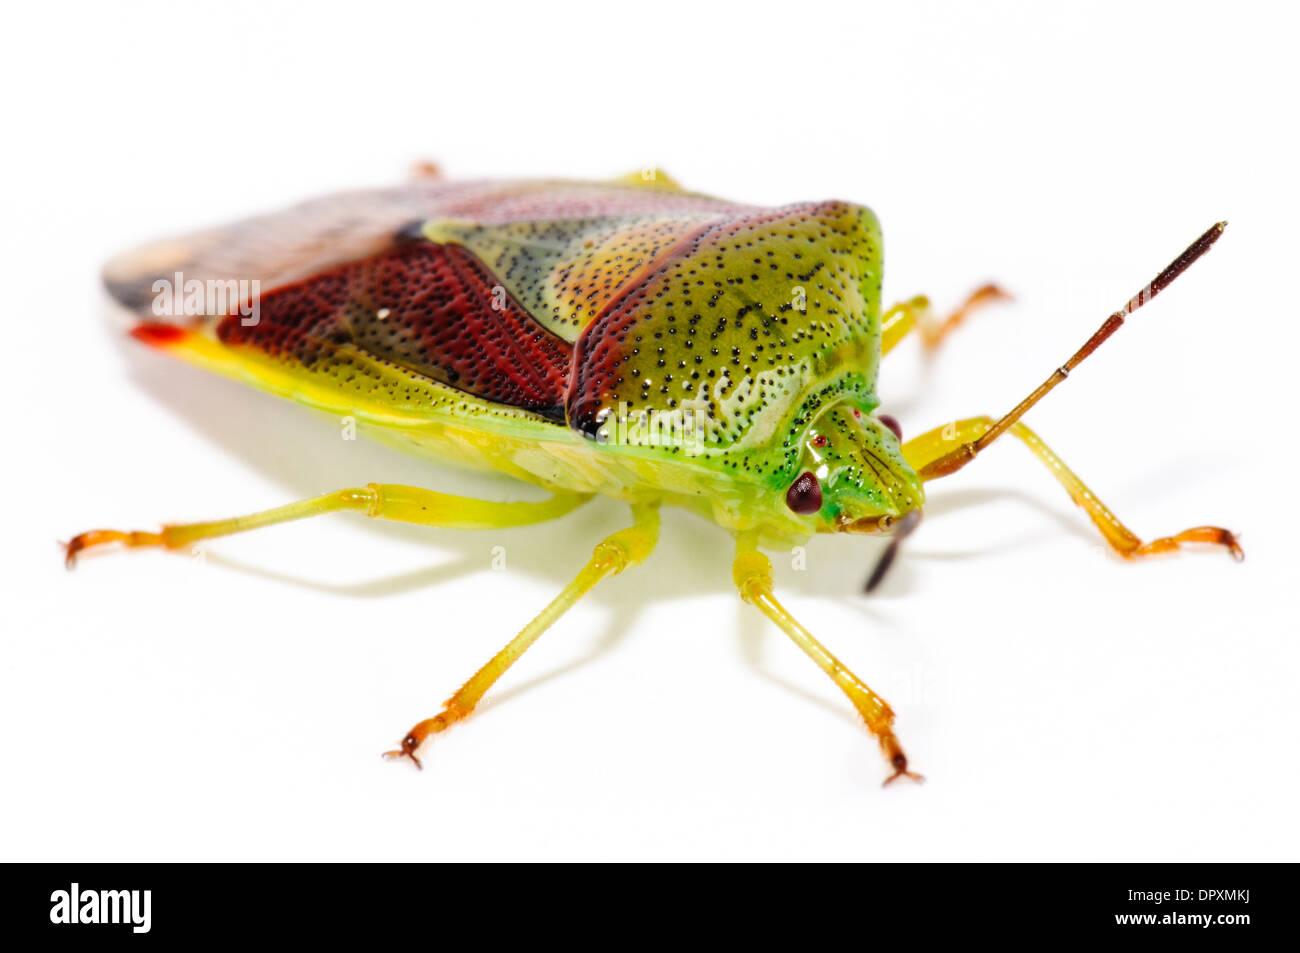 Protezione di betulla Bug (Elasmostethus interstinctus), Adulto fotografati contro uno sfondo bianco in Bexleyheath Kent. Agosto. Immagini Stock